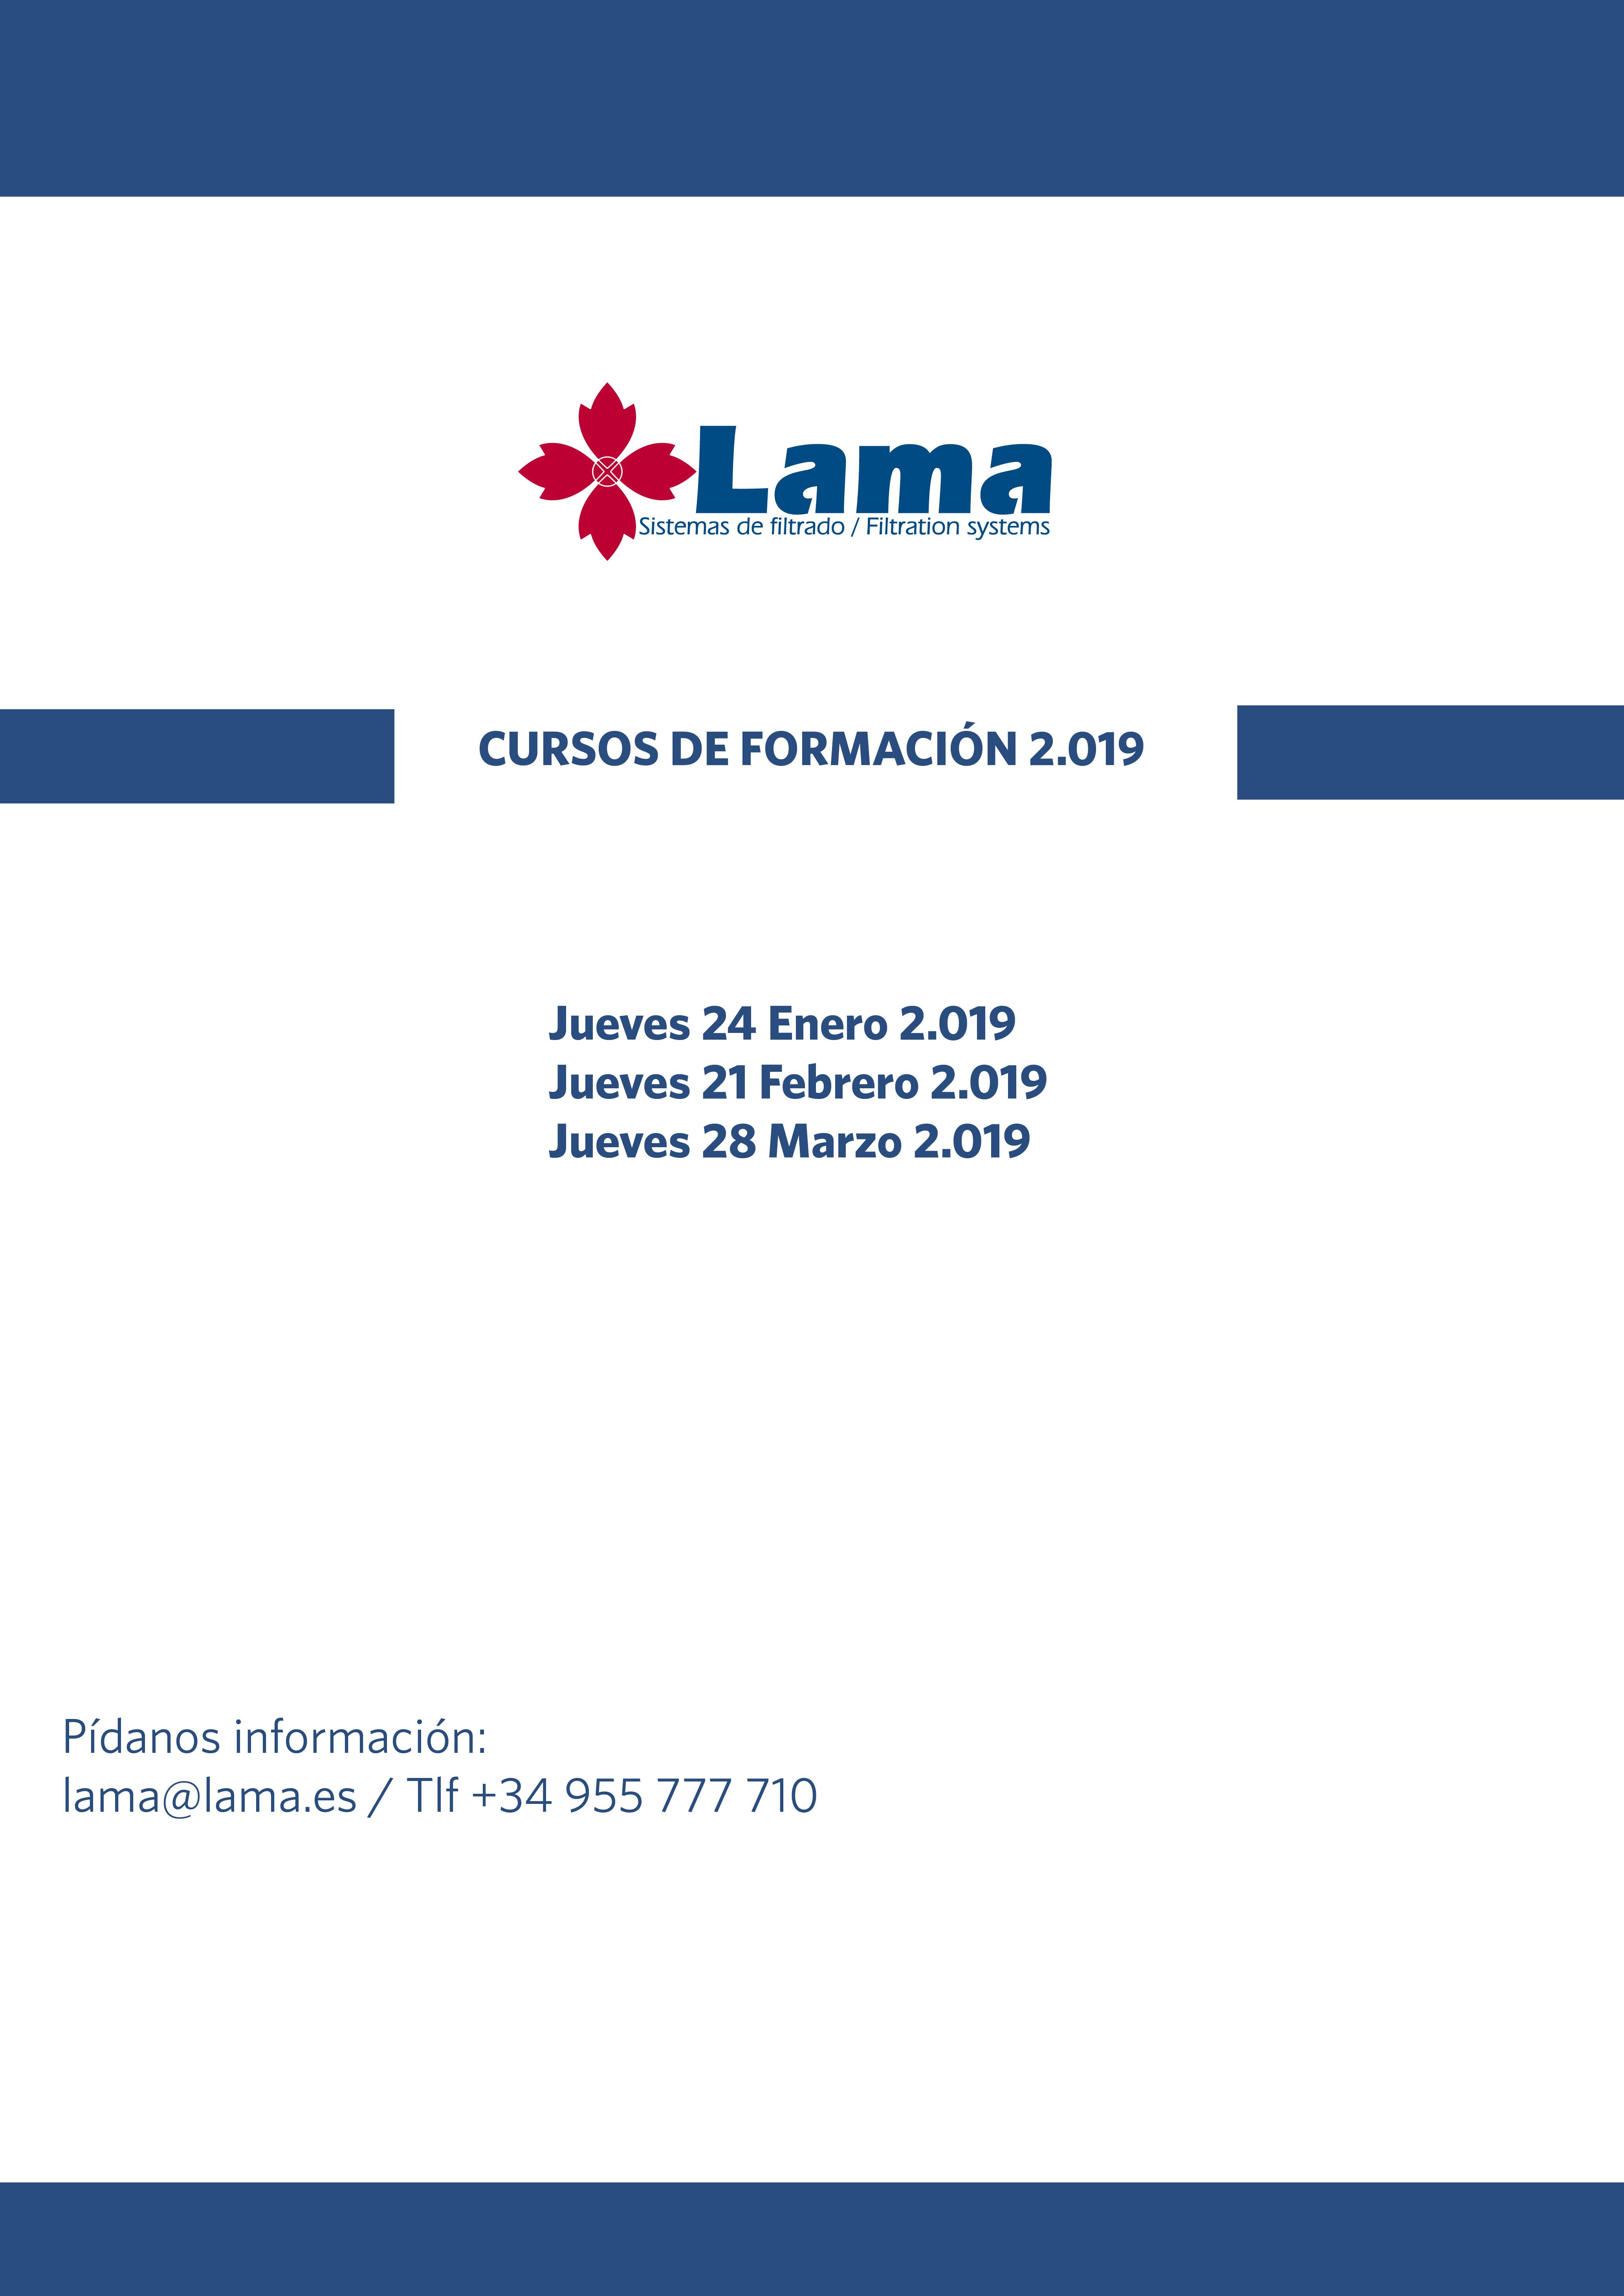 Cursos-formacion-2019